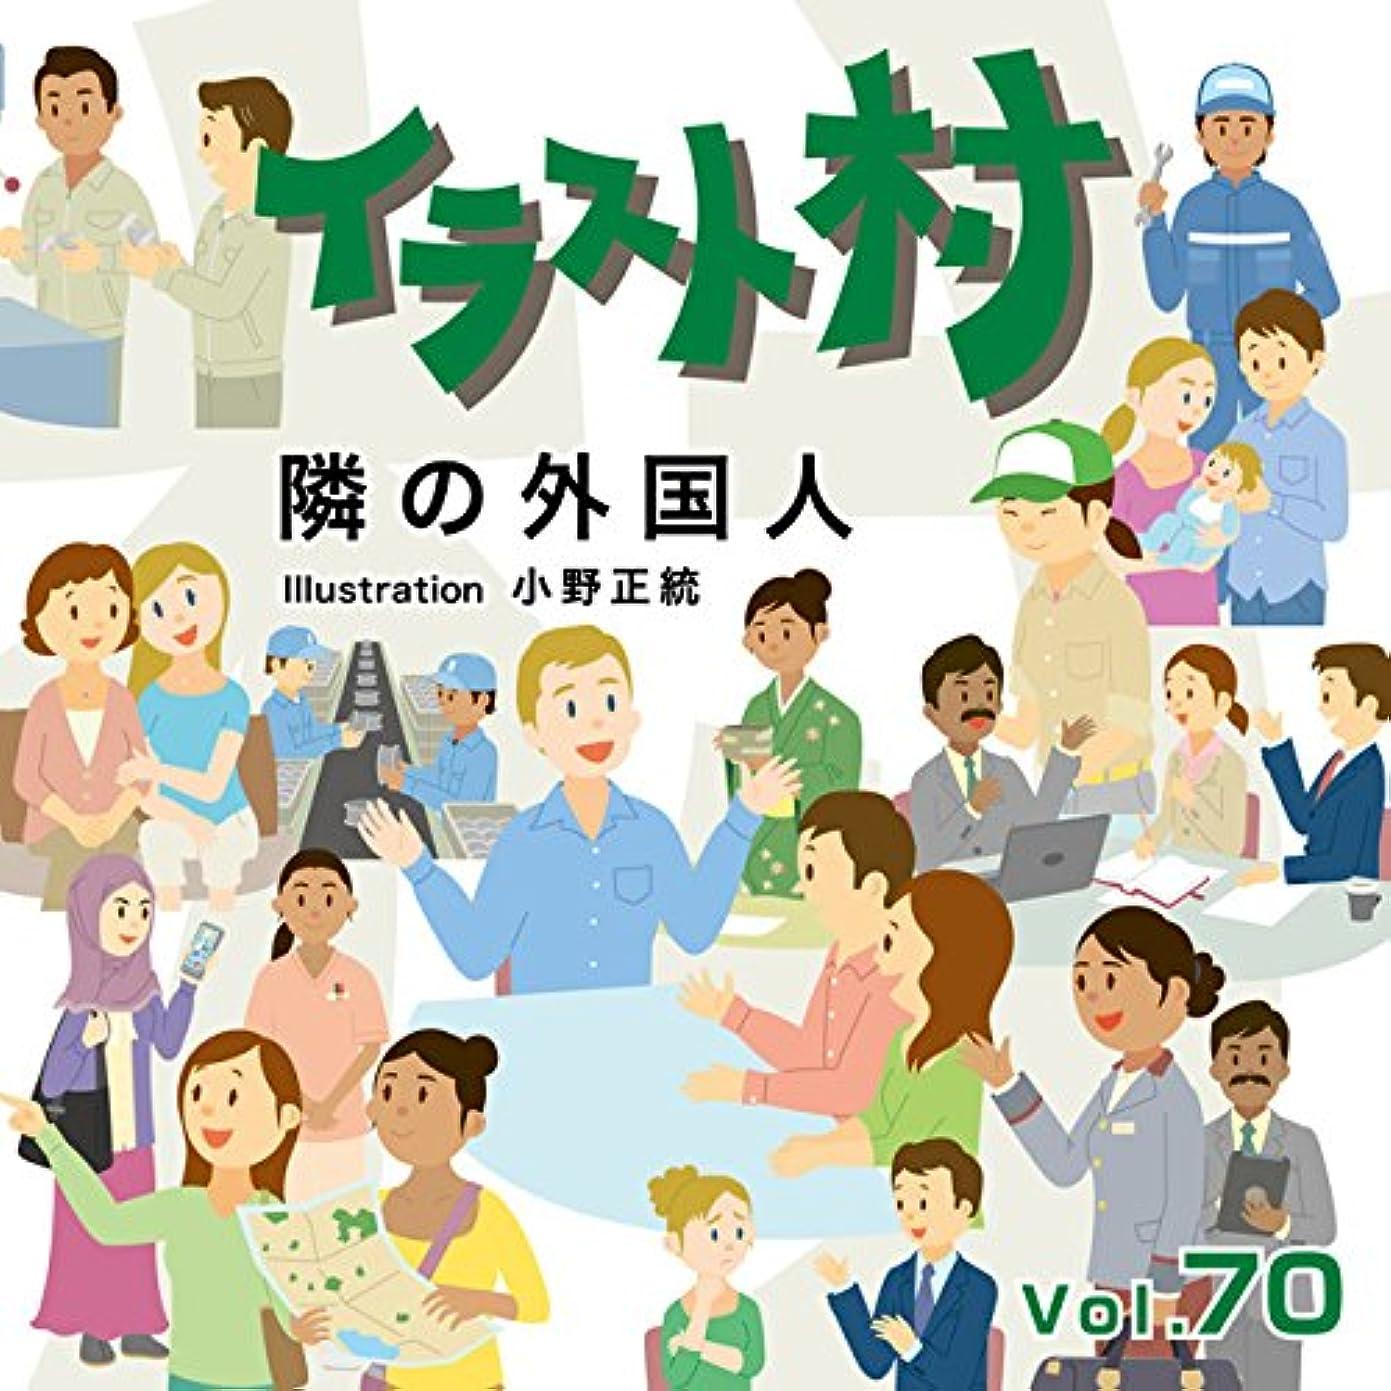 ウェイター気付くナインへイラスト村 Vol.70 隣の外国人